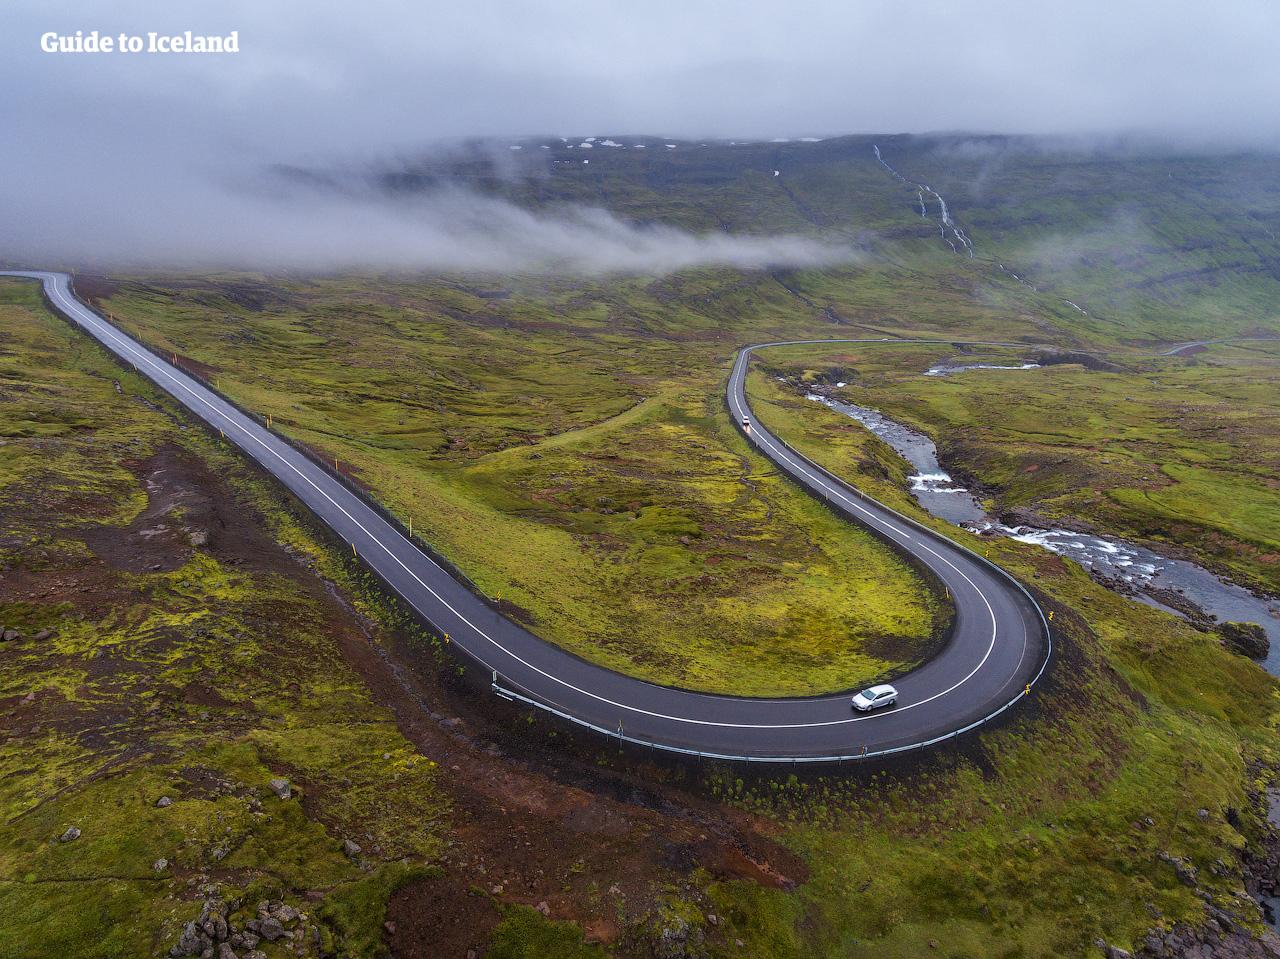 10 dagers leiebiltur | De største attraksjonene langs Ringveien og halvøya Snæfellsnes